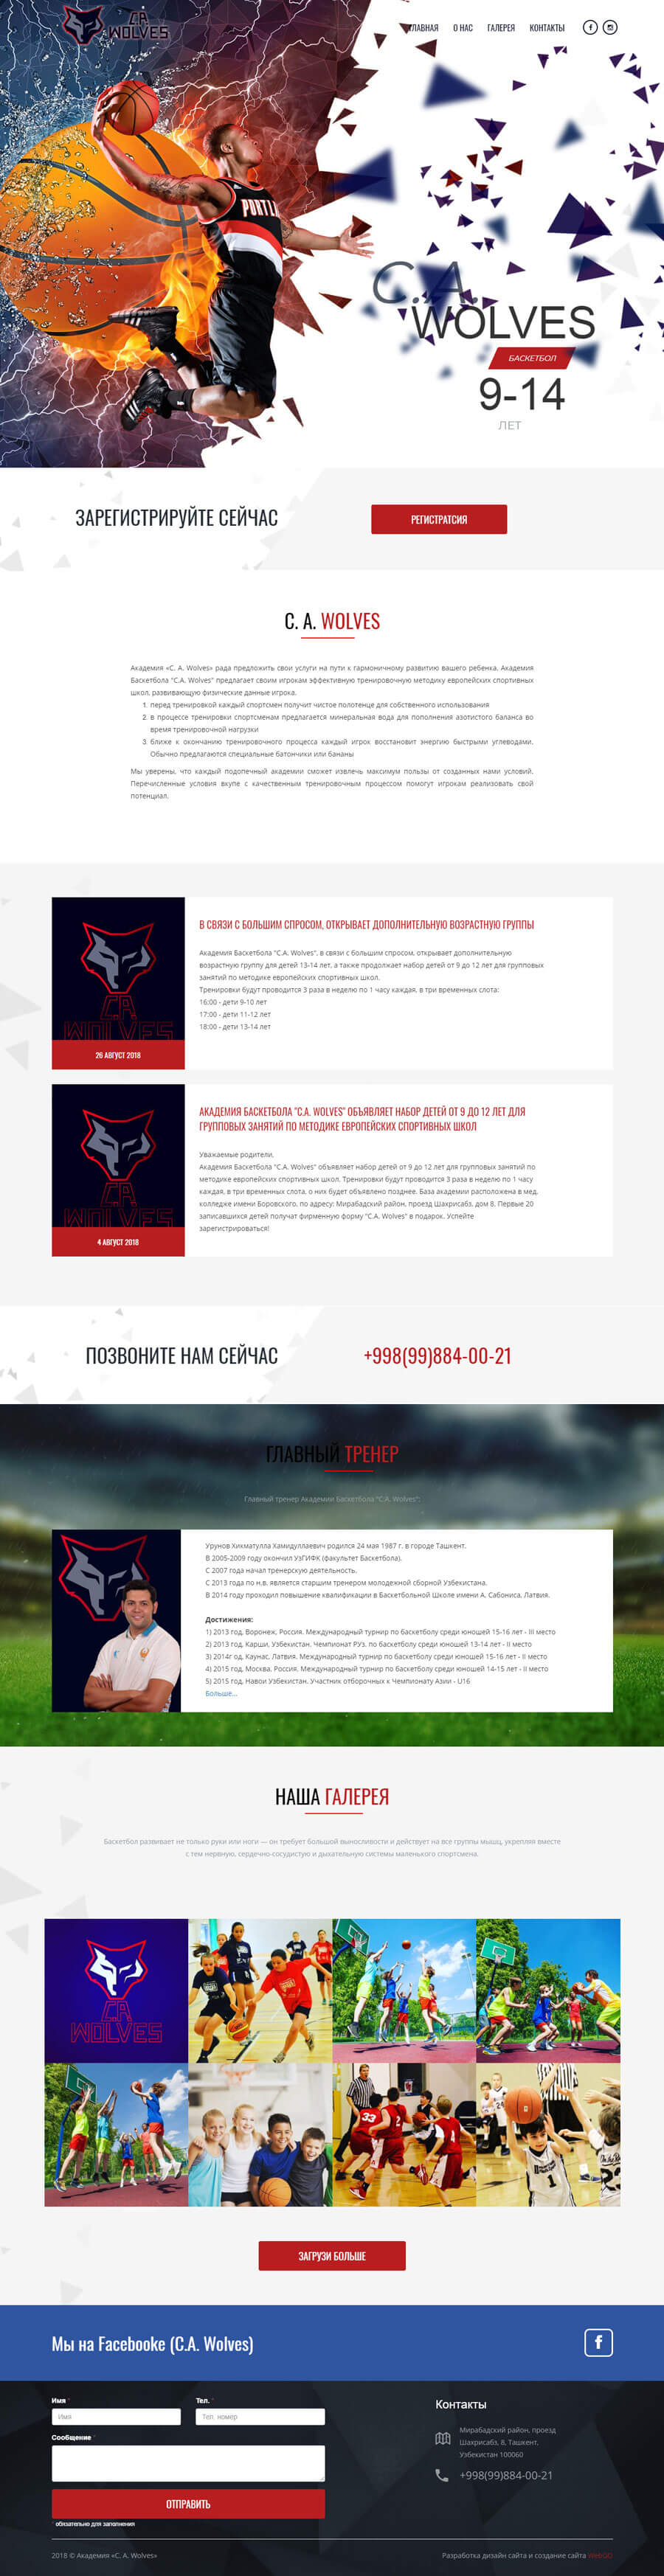 Создание сайта иразработка дизайн сайта в Ташкенте для C. A. Wolves.uz